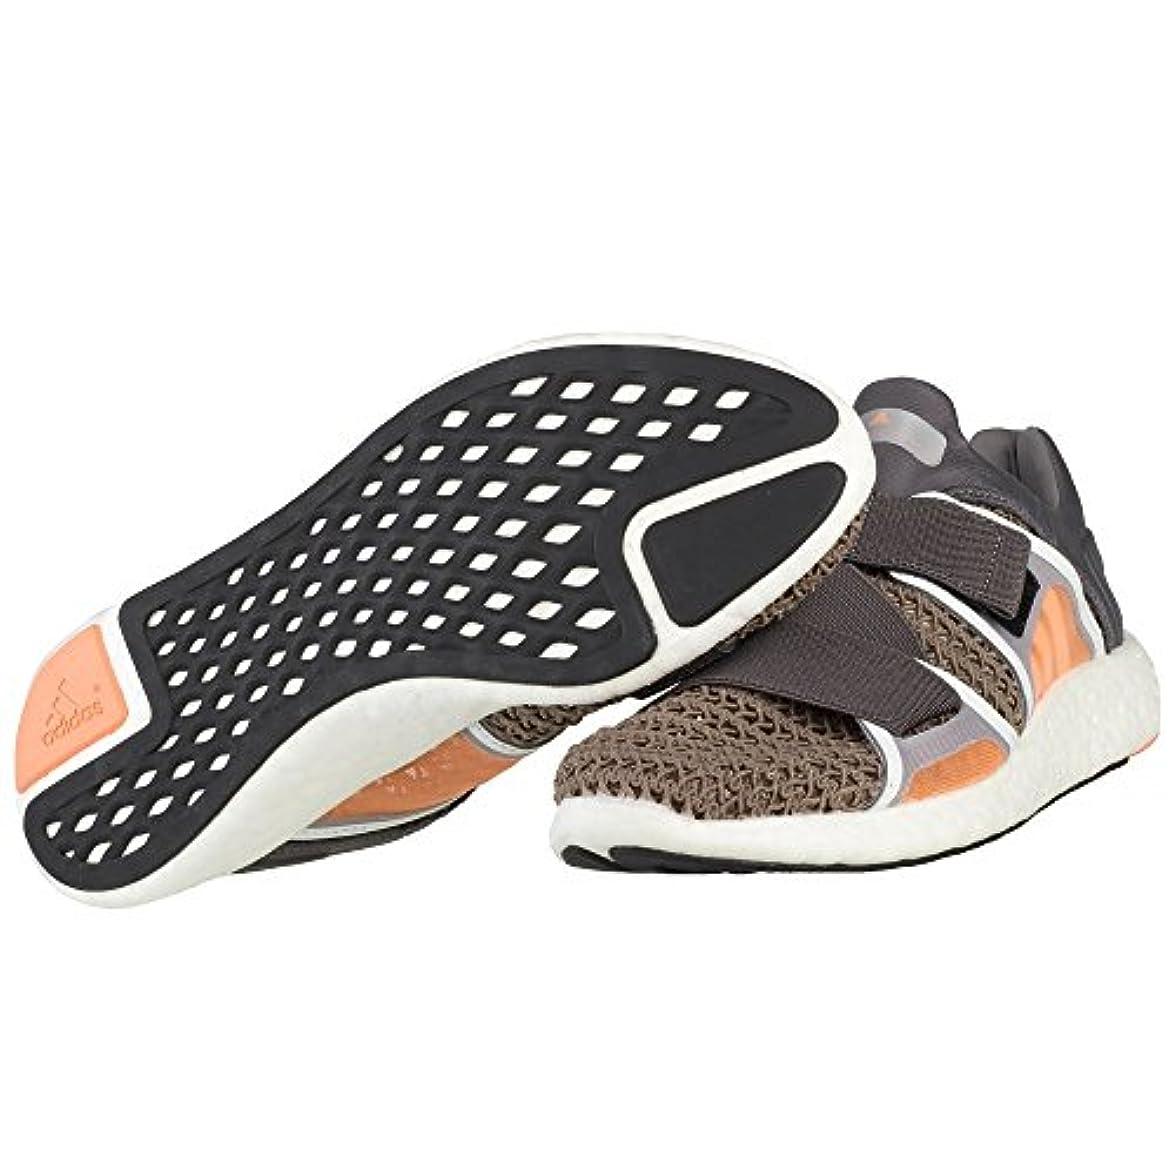 Adidas - Pureboost S78417 Colore Bianco-arancione-marrone Taglia 37 3